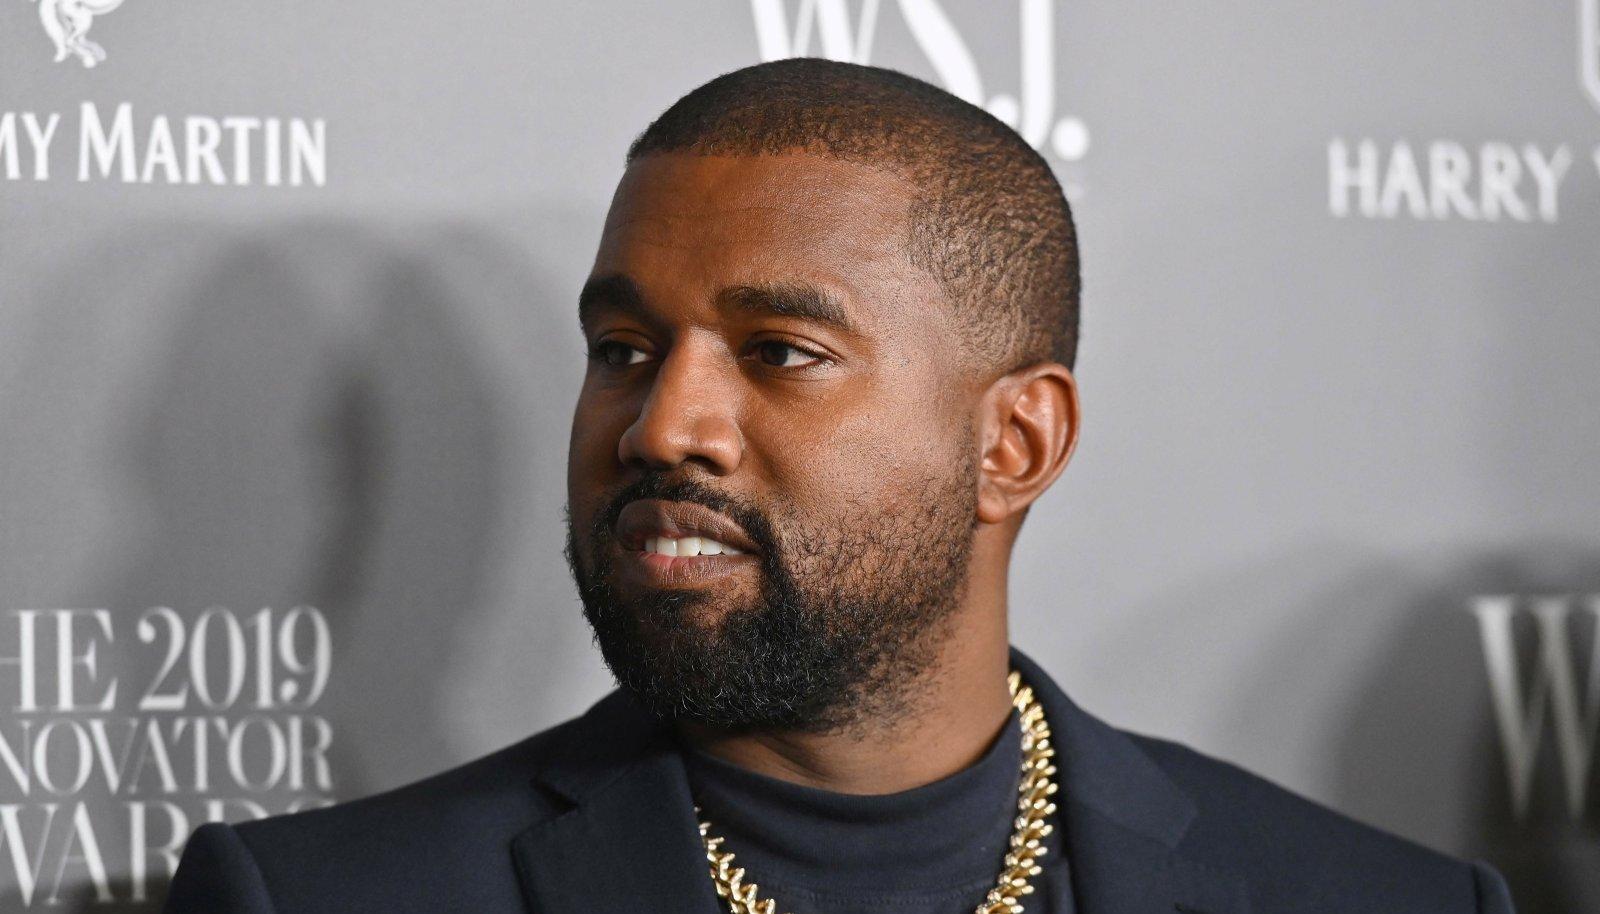 Kanye West on täiuslik tänapäeva antikangelane: vaimsetest häiretest vaevatud, peavoolule vastanduv egomaniakist geenius.